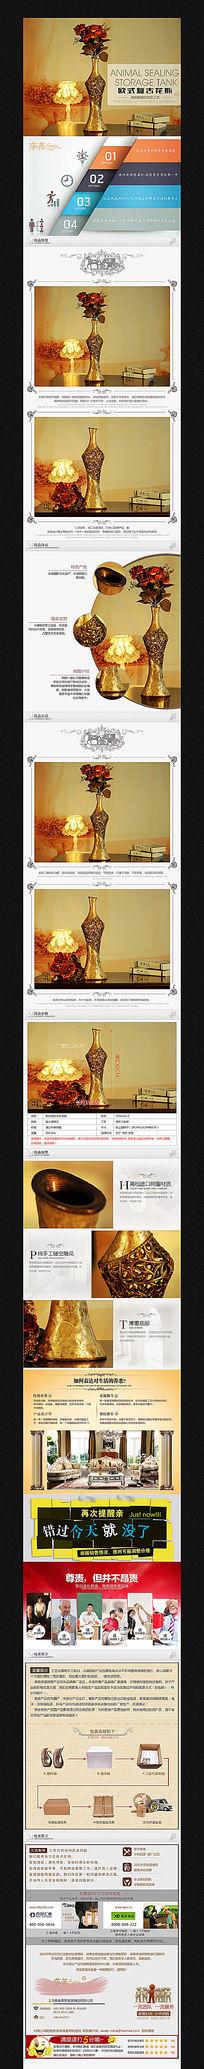 淘宝欧式镂空花纹花瓶详情页描述图